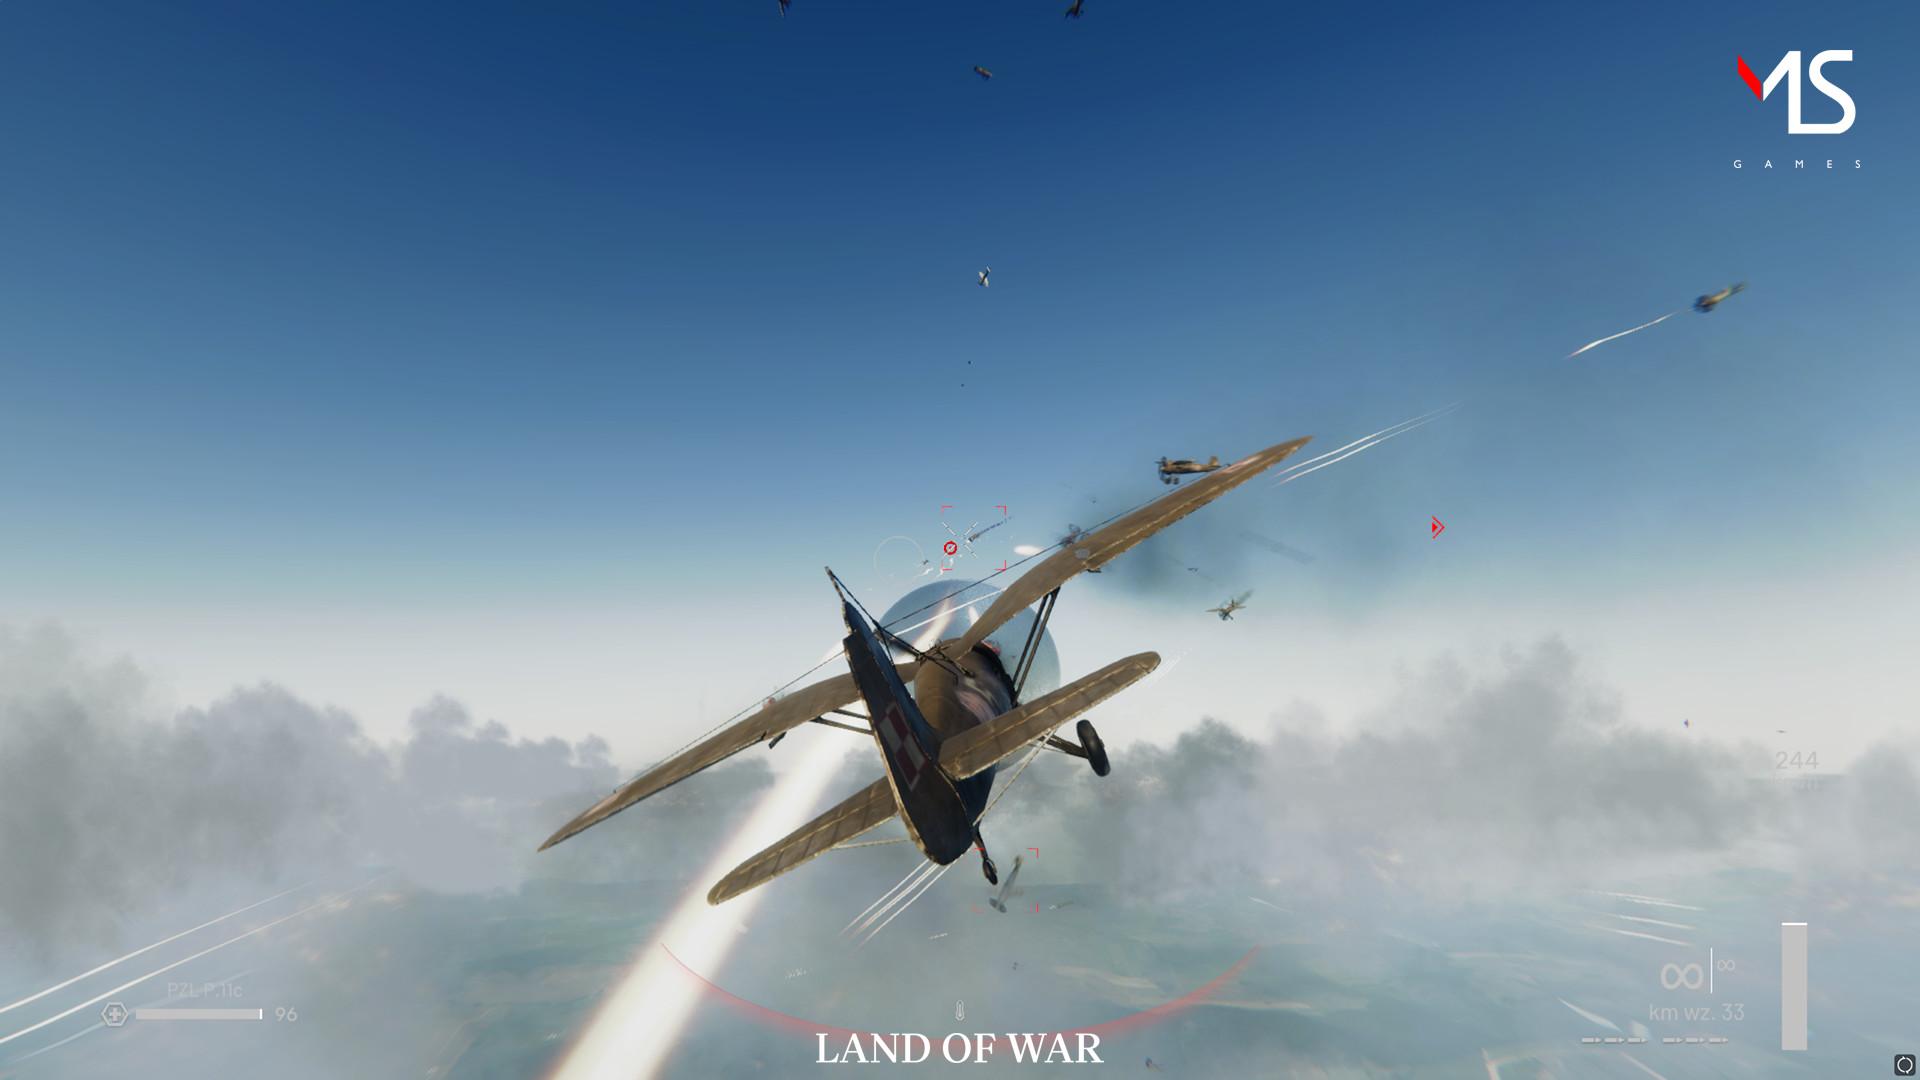 land-of-war-the-beginning-pc-screenshot-3